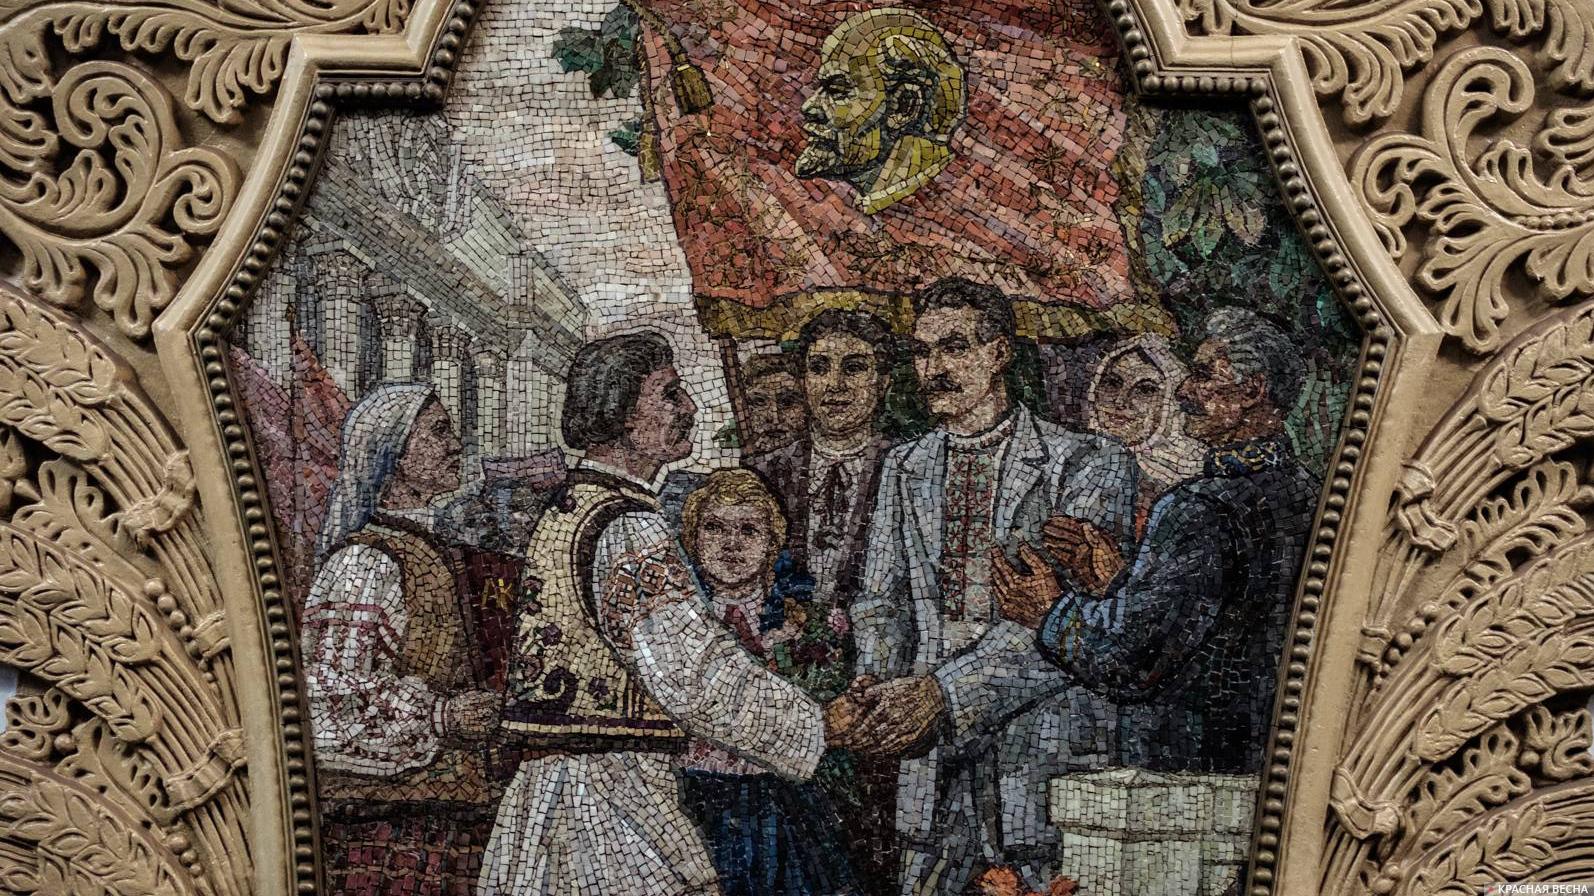 Воссоединение всего украинского народа в едином украинском советском государстве